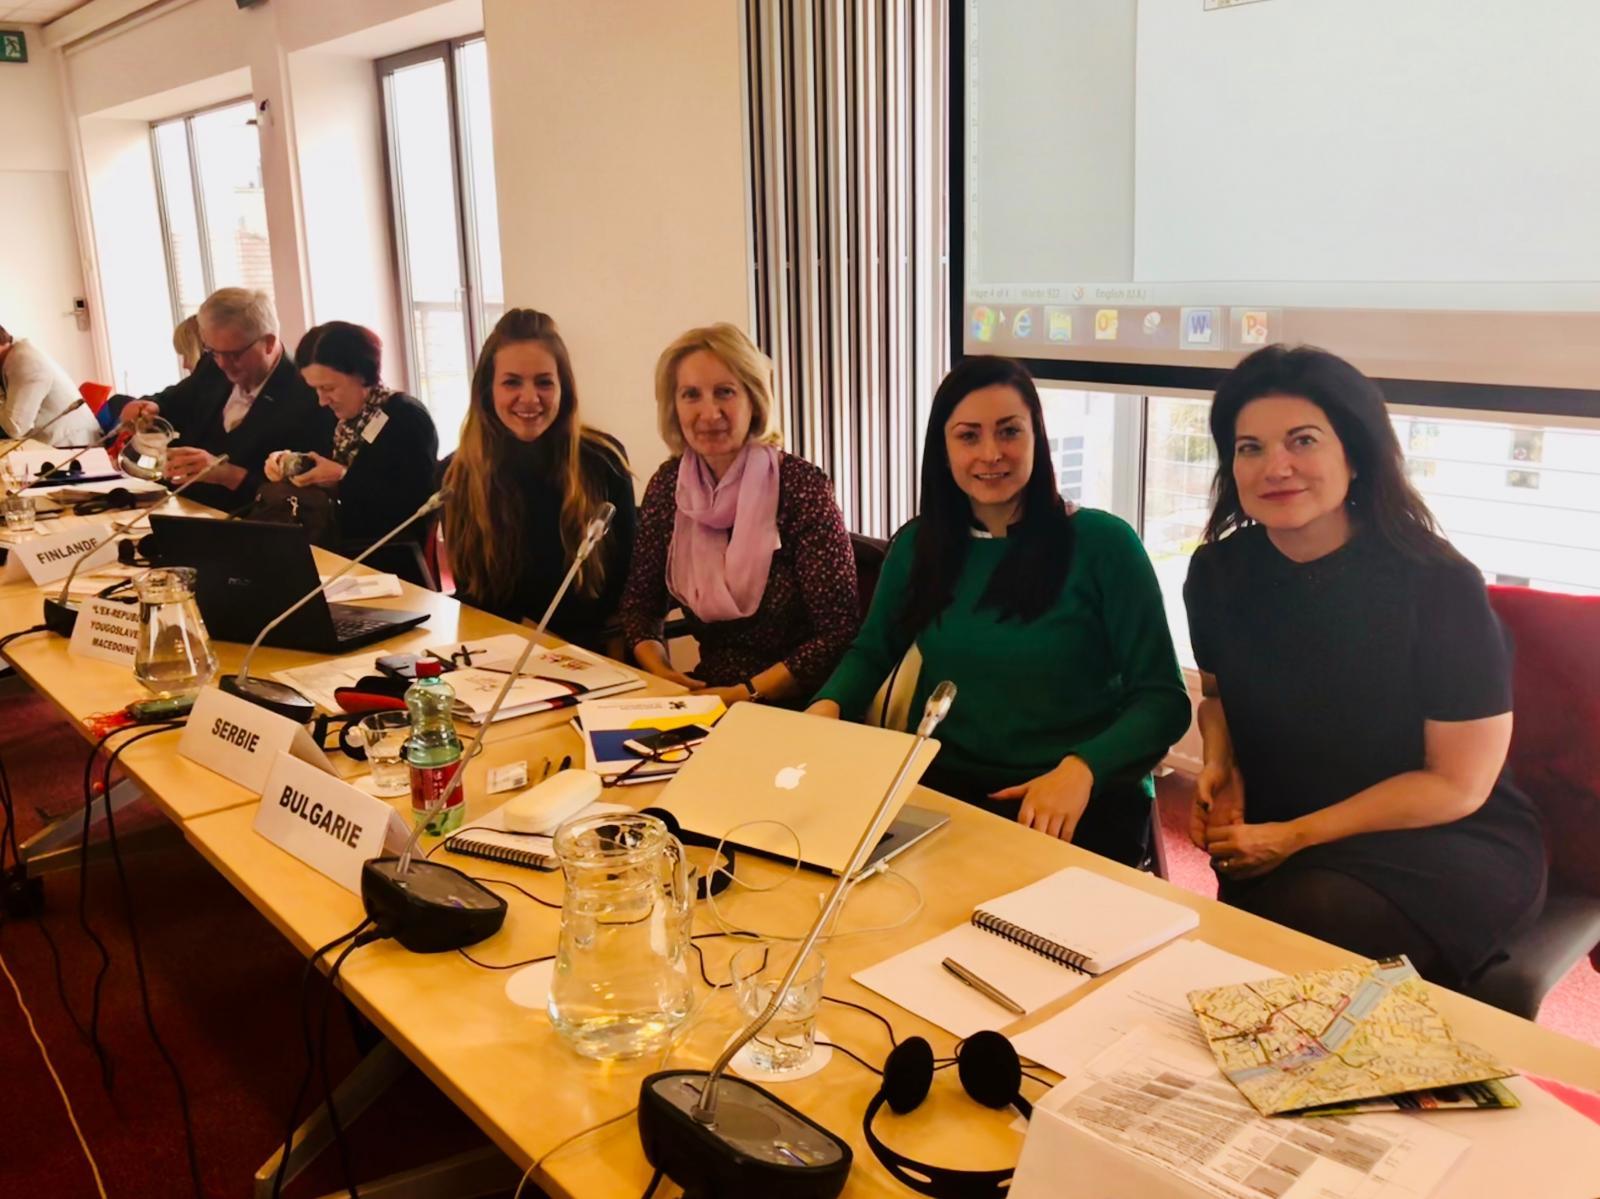 Помоћник министра Снежана Клашња на  састанку  Европског надзорног комитета за младе и Заједничког савета за младе Савета Европе